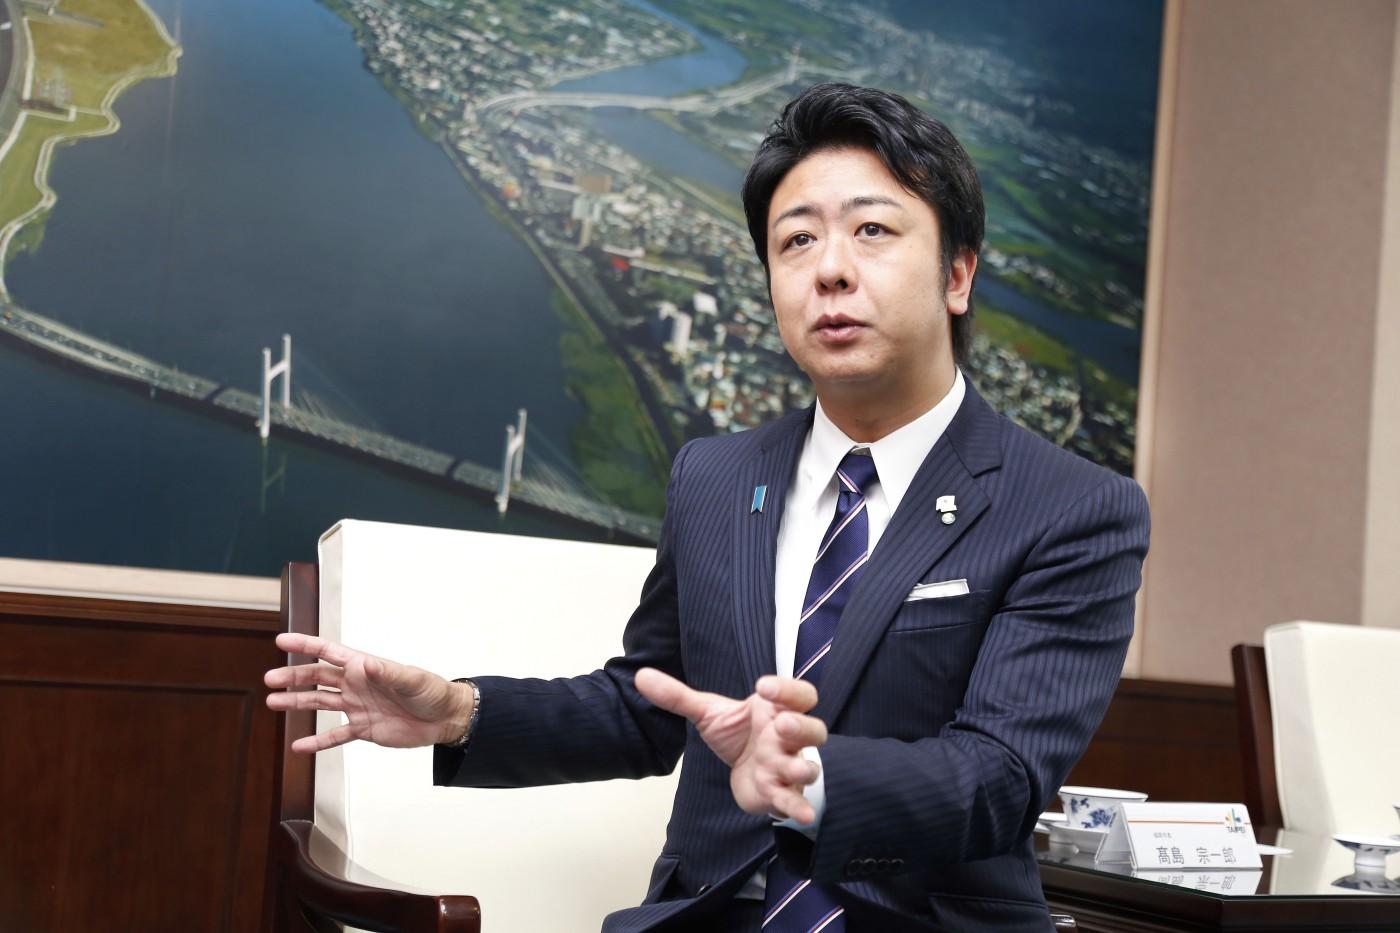 福岡市打造亞洲新創基地下一步:不只是從零開始,新創也要和大企業結合